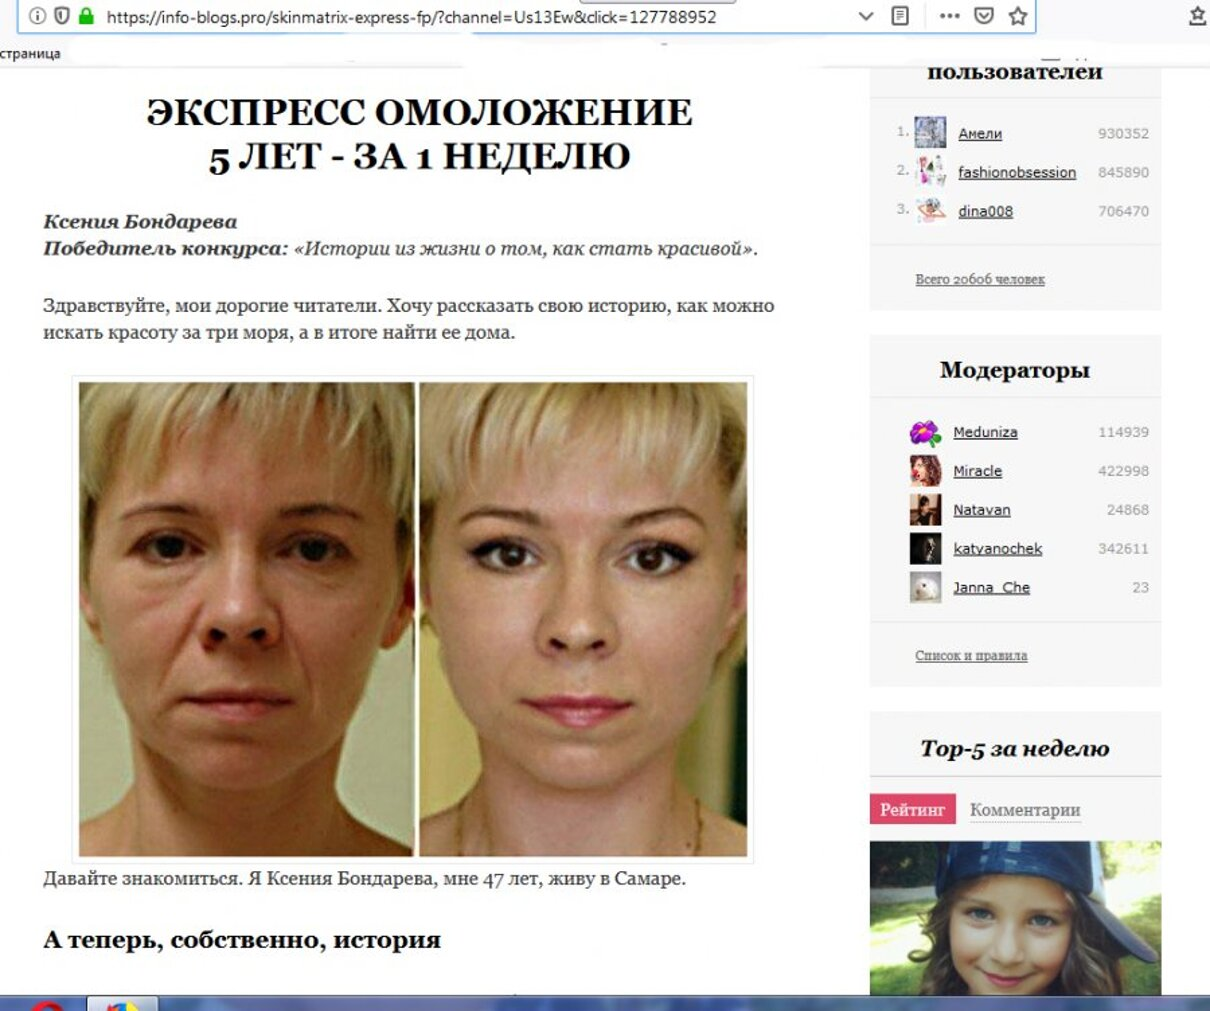 Жалоба-отзыв: Назойливая и недостоверная реклама - Средства для размещения фотографий после пластических операций